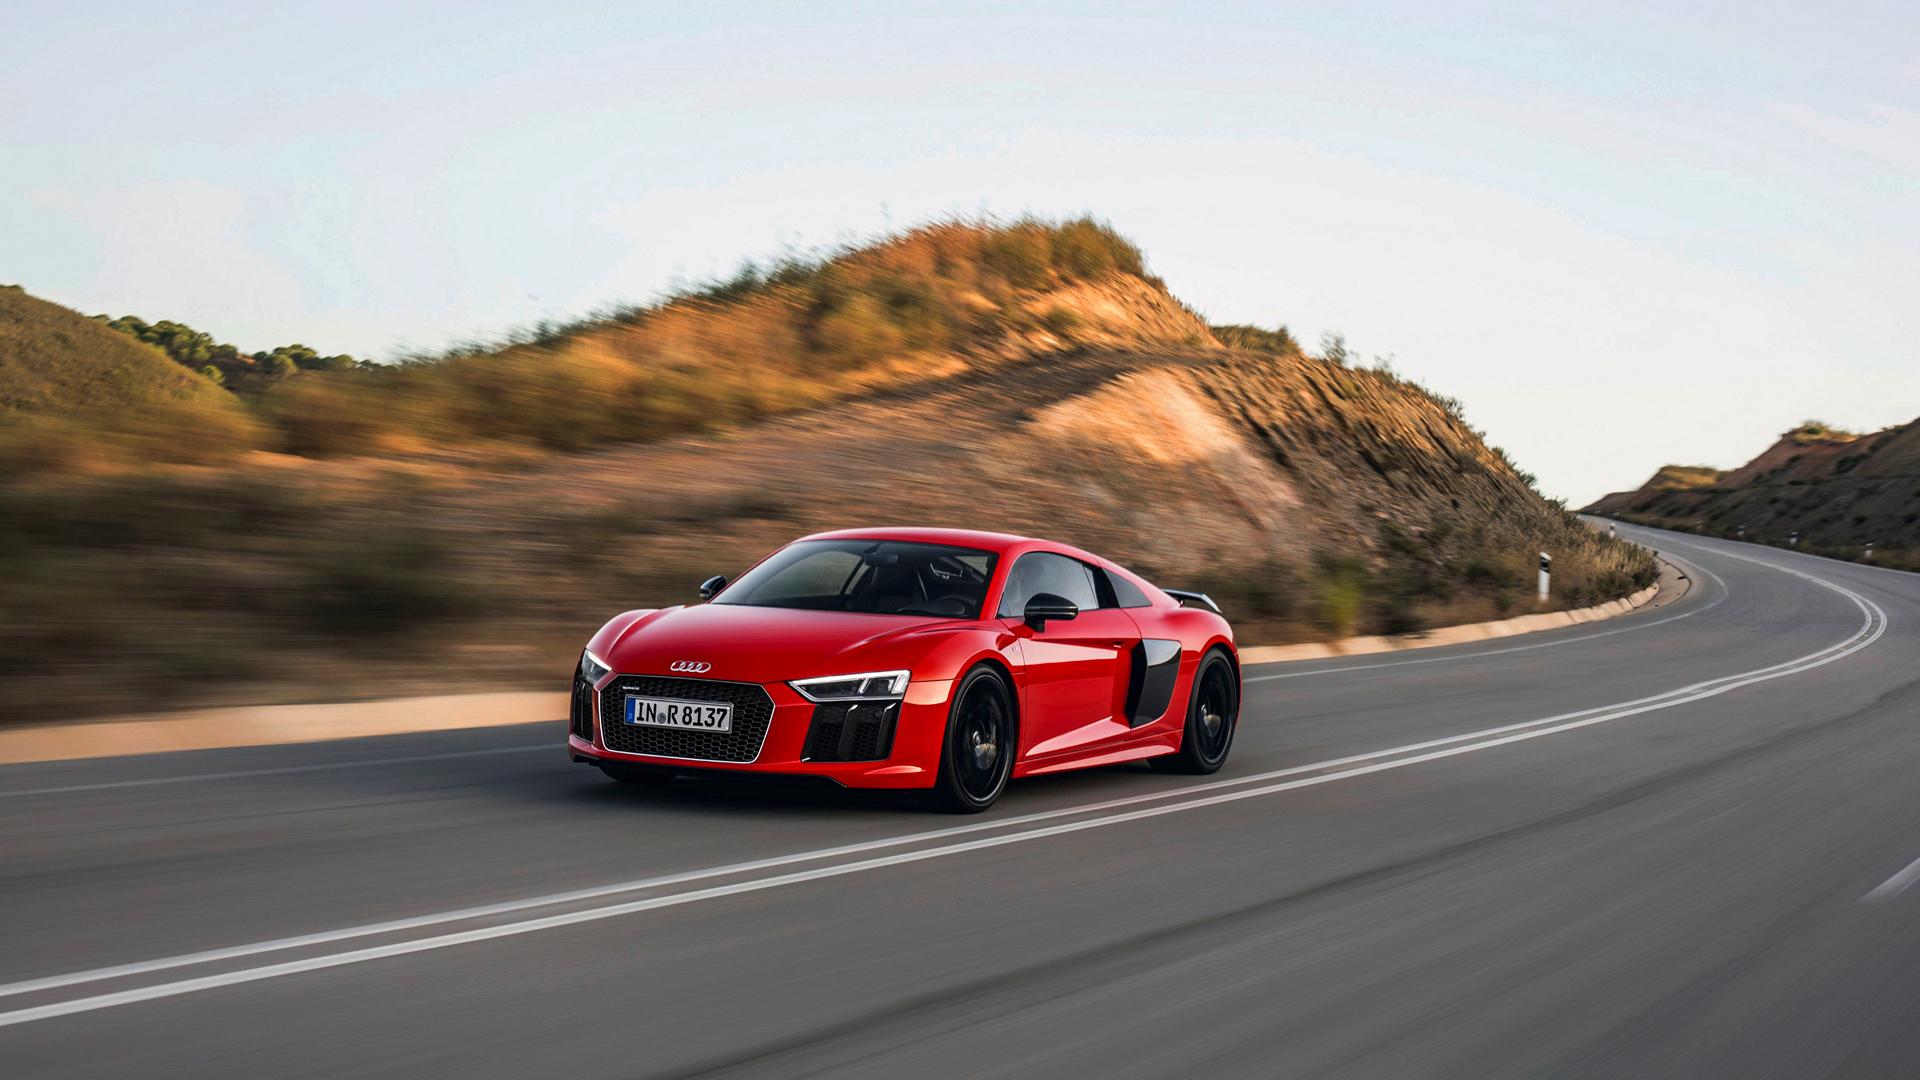 2017 Audi R8 V10 Plus © Volkswagen AG